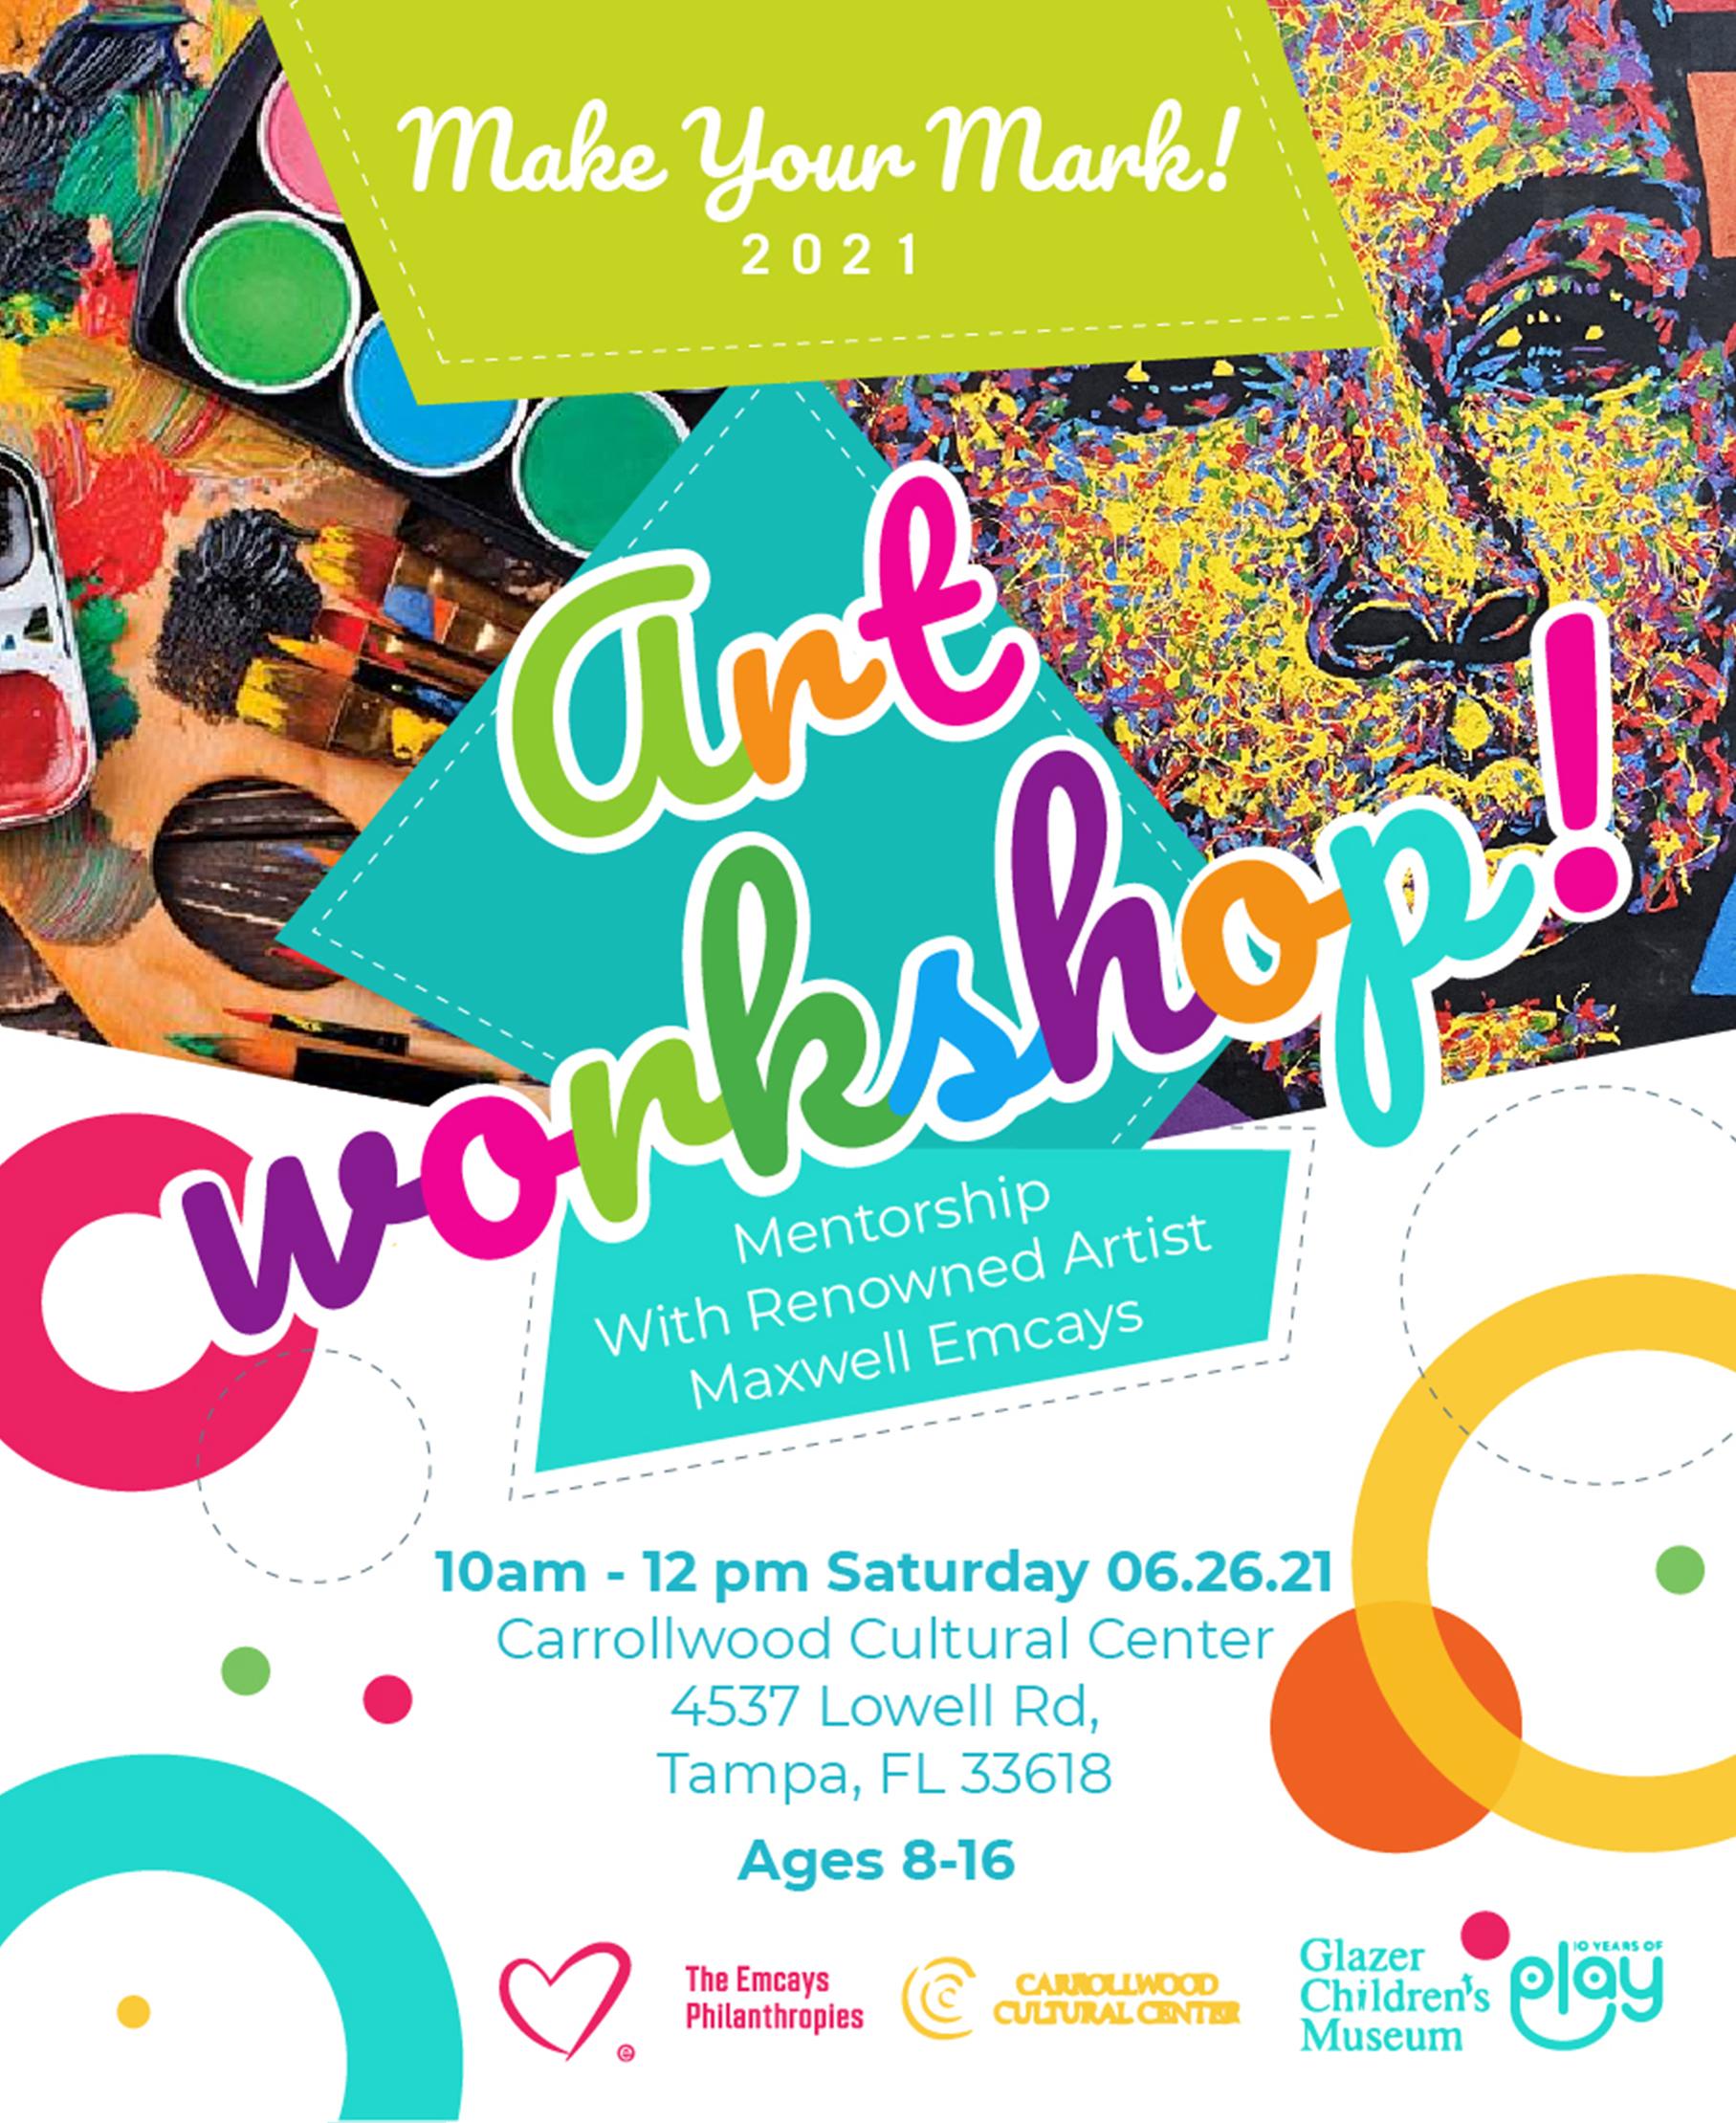 Make Your Mark! Art Workshop